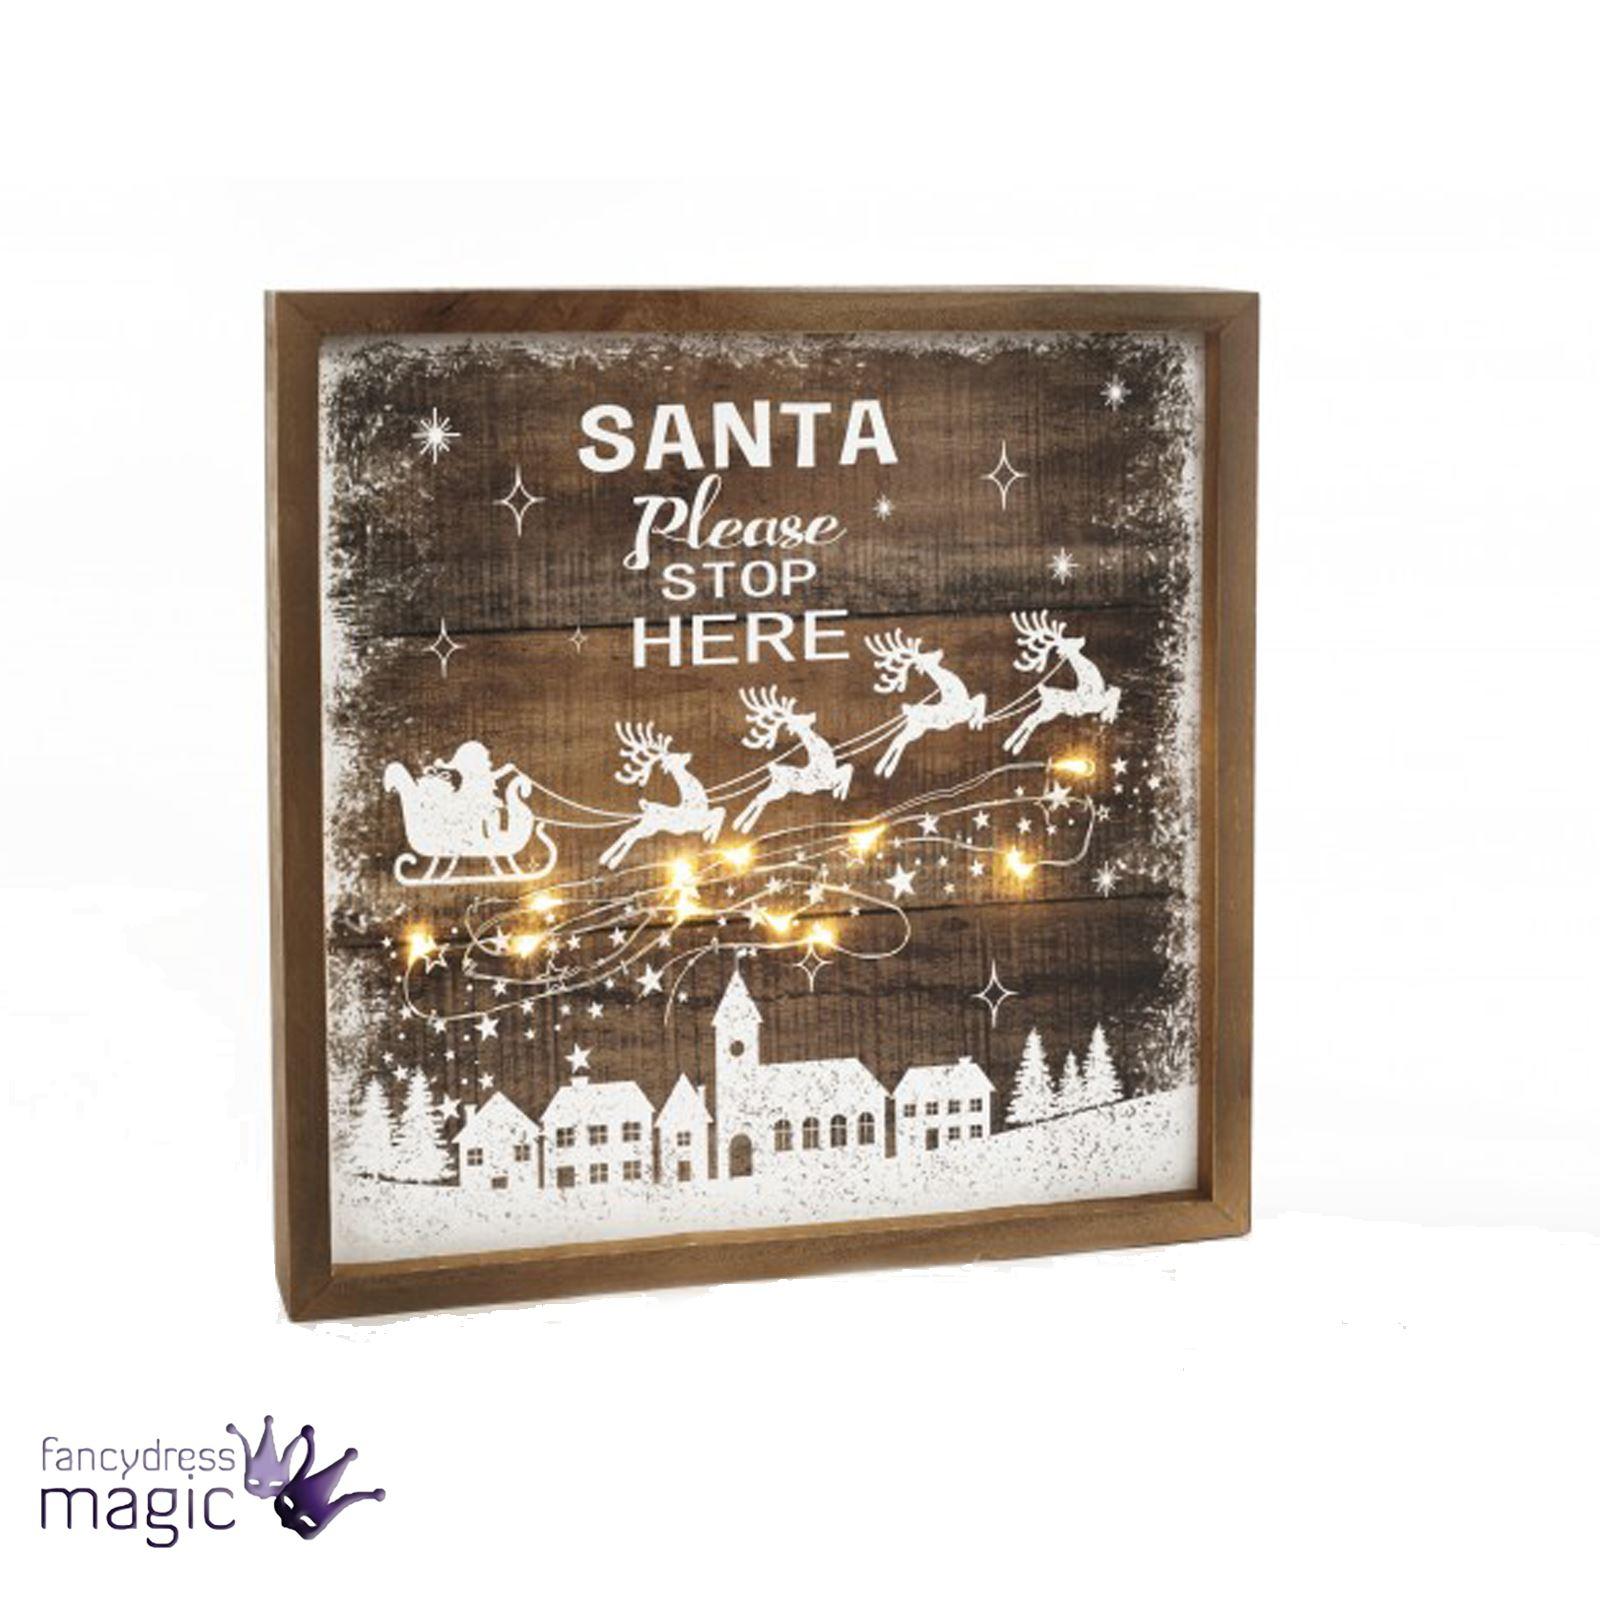 rustikal holzern Fee aufleuchtend LED santa stop here Weihnachten ...